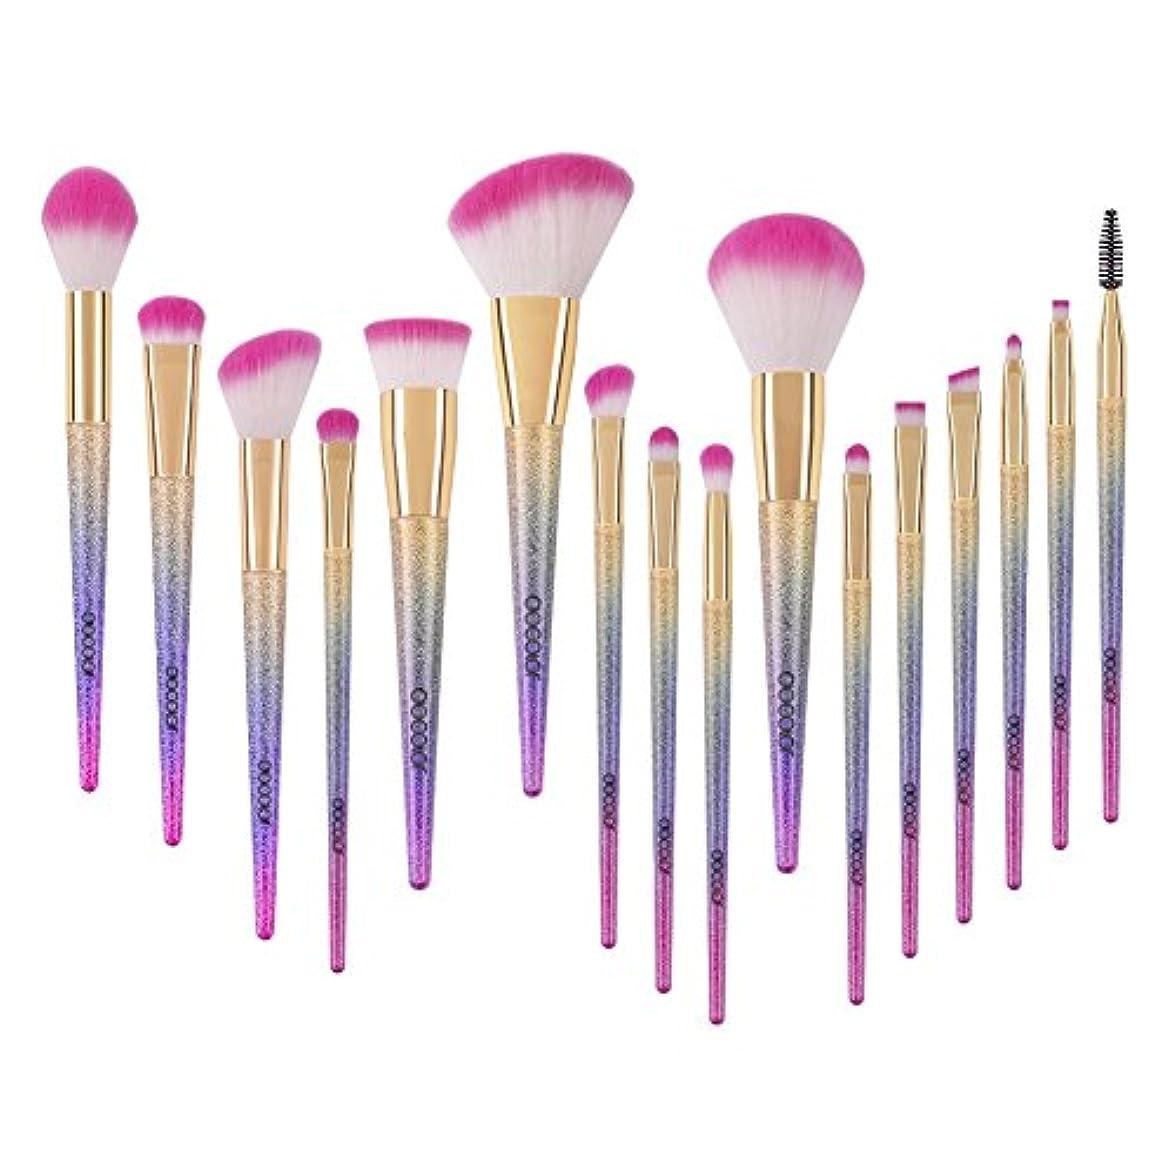 マダムメニュー偽Docolor ドゥカラー 化粧筆 メイクブラシ 16本セット 欧米で大ブーム中のレインボーブラシ